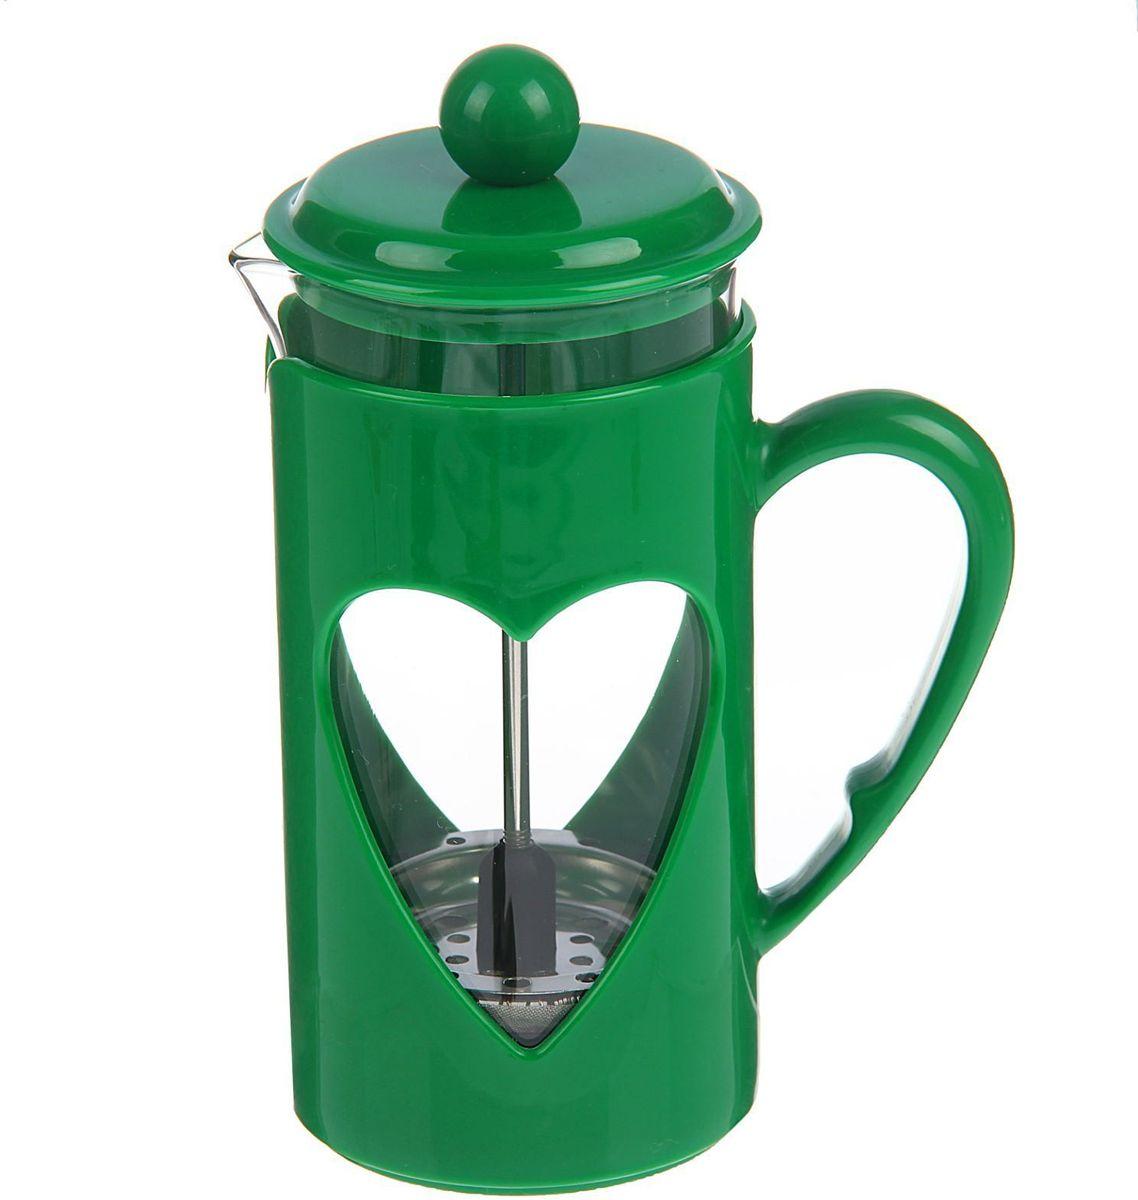 Френч-пресс Доляна Комплимент, цвет: зеленый, 350 мл1379238Френч-пресс —приспособление для приготовления чая и кофе. Он пользуется огромным спросом у любителей этих напитков, ведь изделие довольно простое в использовании и имеет ряд других преимуществ: чай в нём быстрее заваривается; ёмкость позволяет наиболее полно раскрыться вкусовым качествам напитка; вы можете готовить кофе и чай с любимыми специями и травами. Как сделать вкусный кофе при помощи френч-пресса? Сначала вам нужно перемолоть зёрна. Степень помола — грубая. Вскипятите воду. Насыпьте кофе в изделие и медленно залейте его кипятком из чайника. Сначала наполните приспособление до середины, подождите 1 минуту и долейте остальное. Накройте крышкой, пусть напиток настоится ещё 3 минуты. Медленно опустите поршень. Оставьте кофе на 3 минуты, чтобы опустился осадок. Ваш напиток готов!